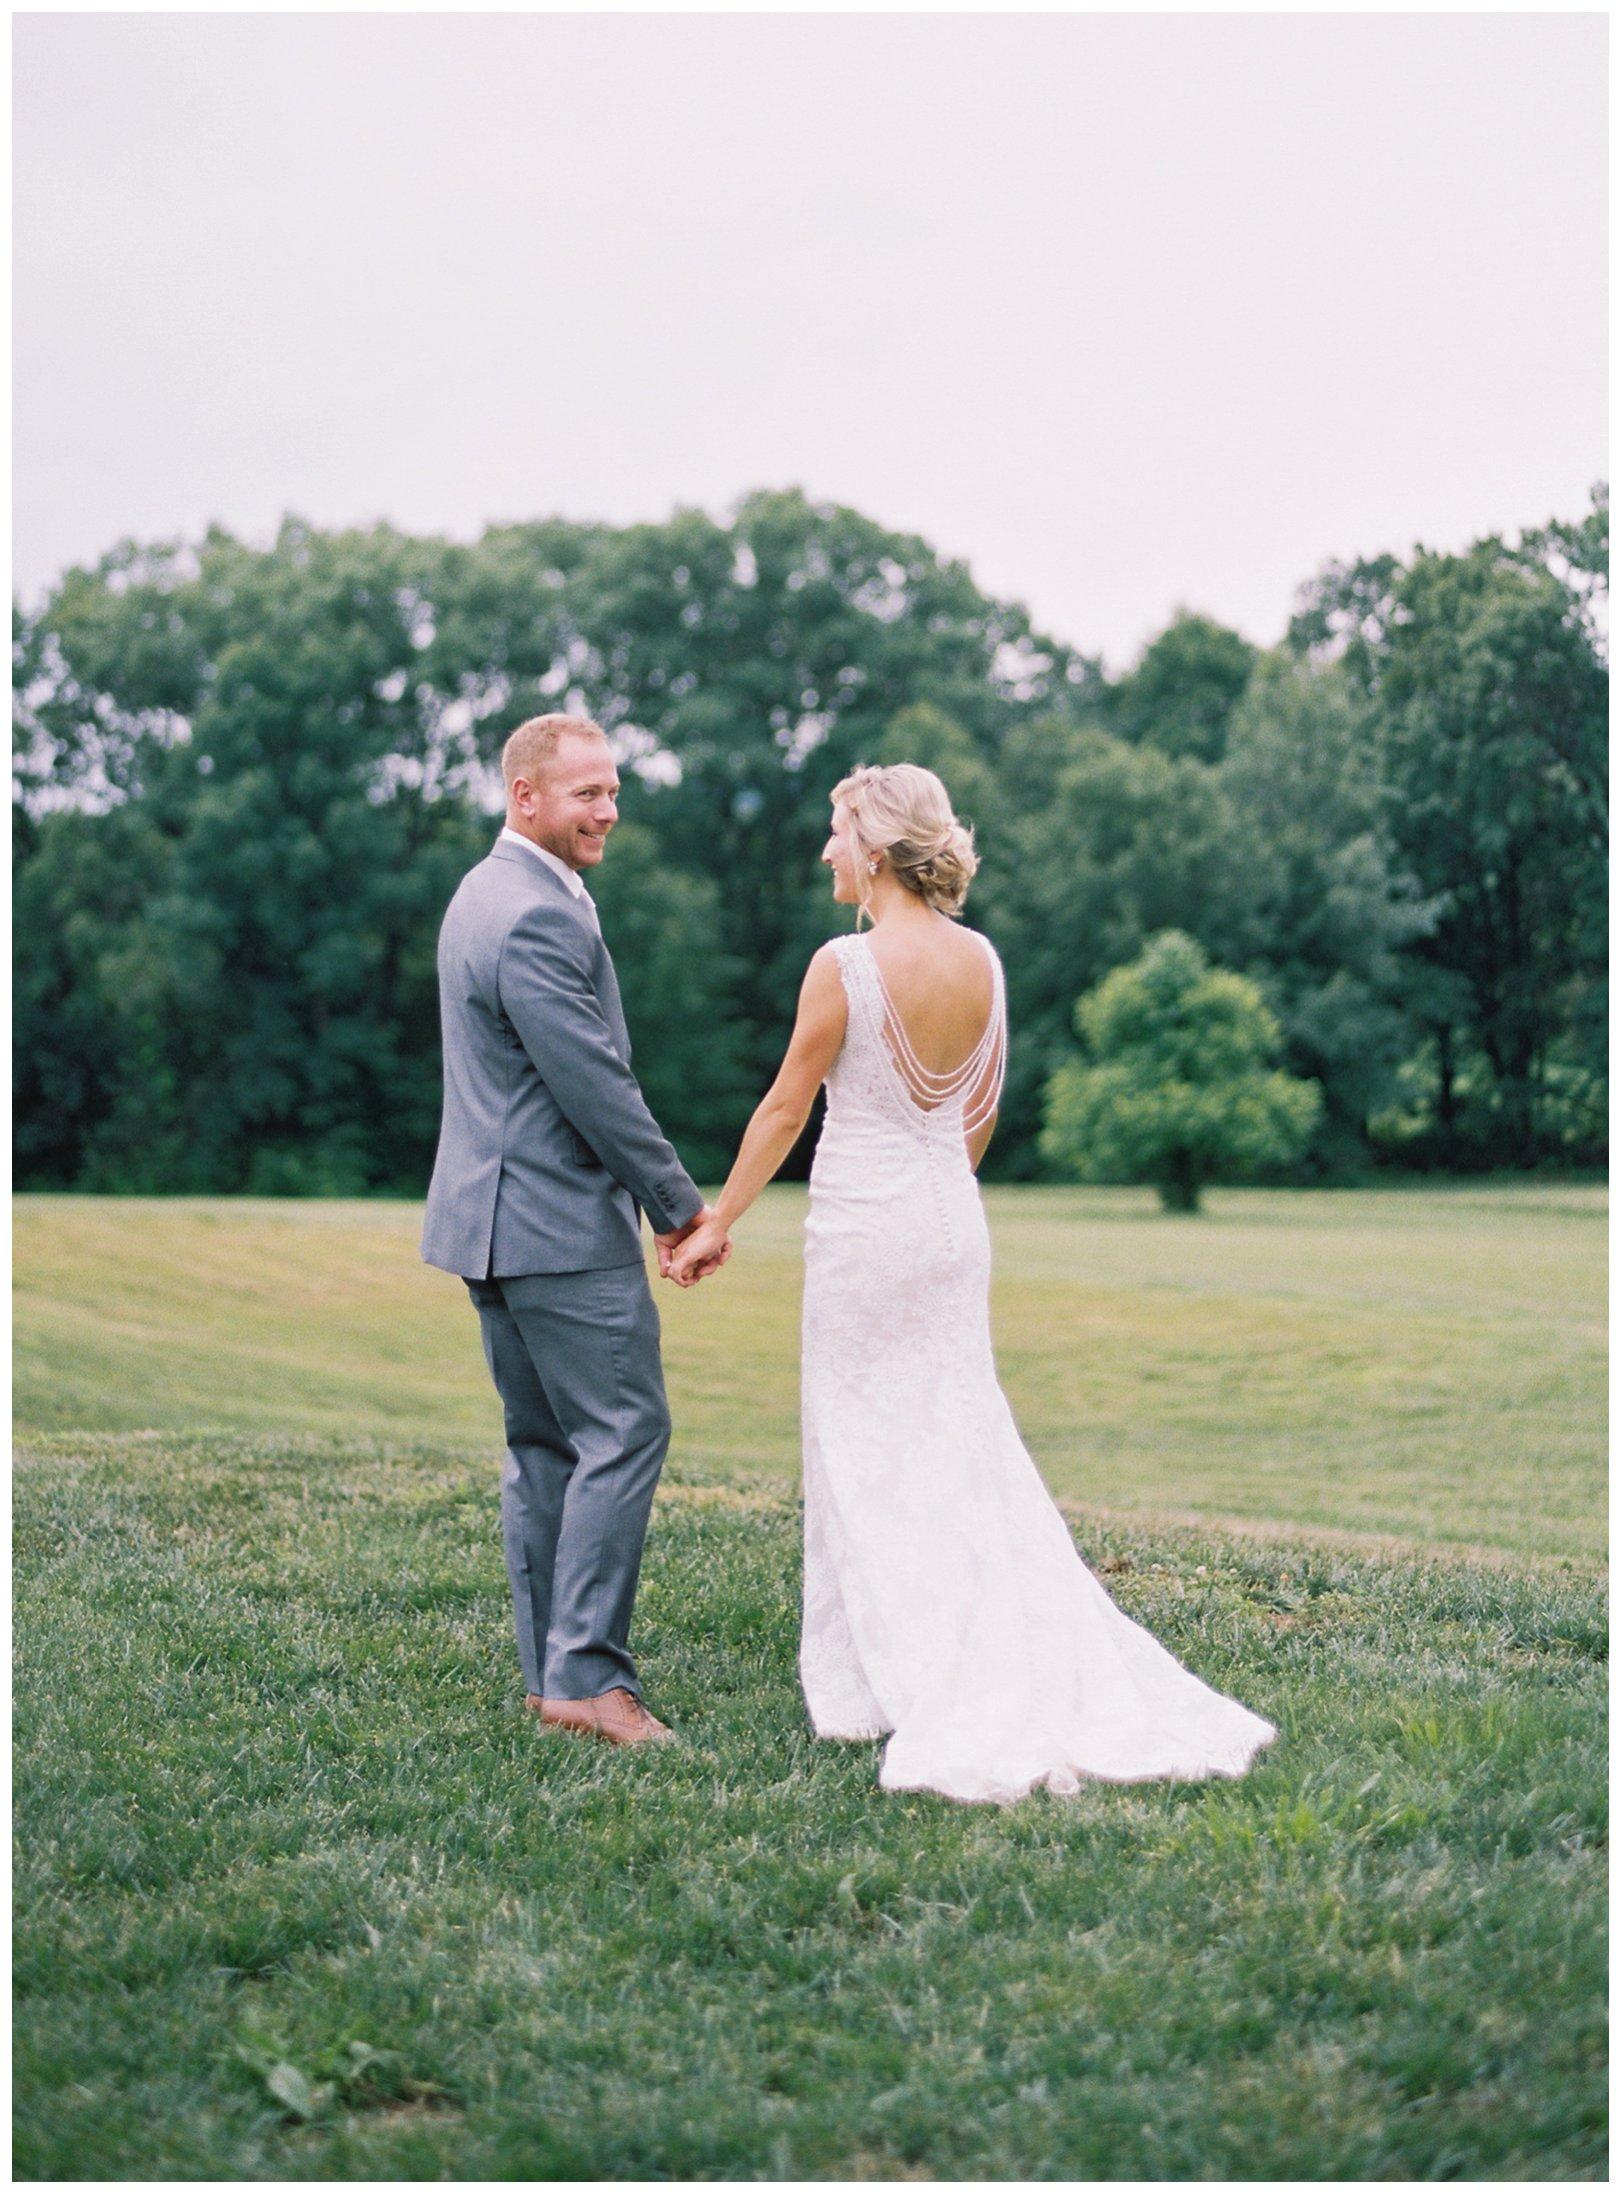 lauren muckler photography_fine art film wedding photography_st louis_photography_2382.jpg